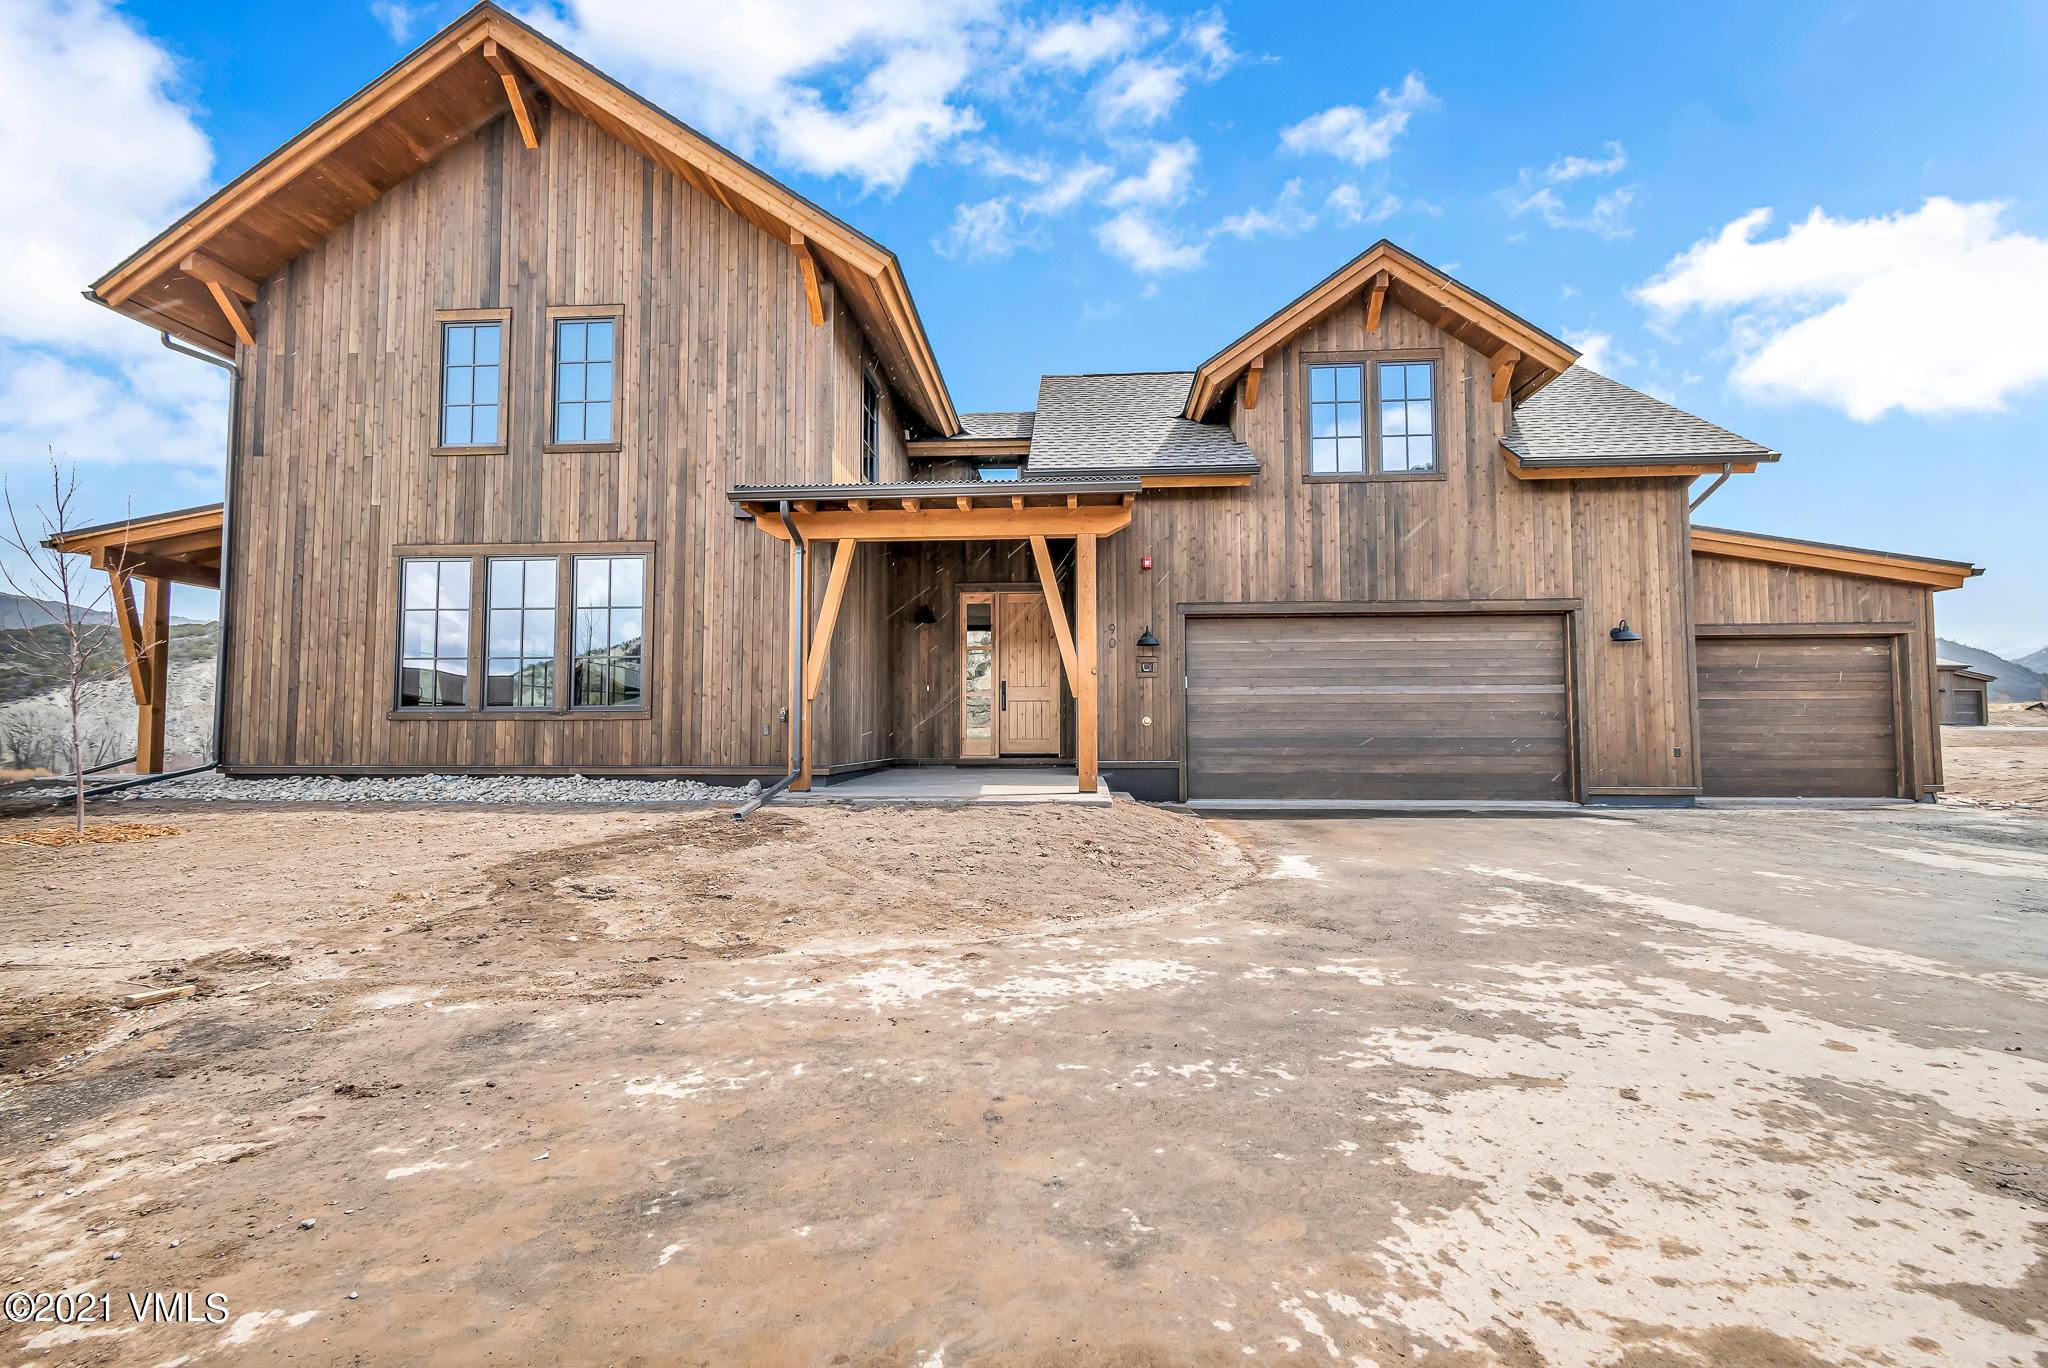 580 Hunters View Lane Property Photo 1